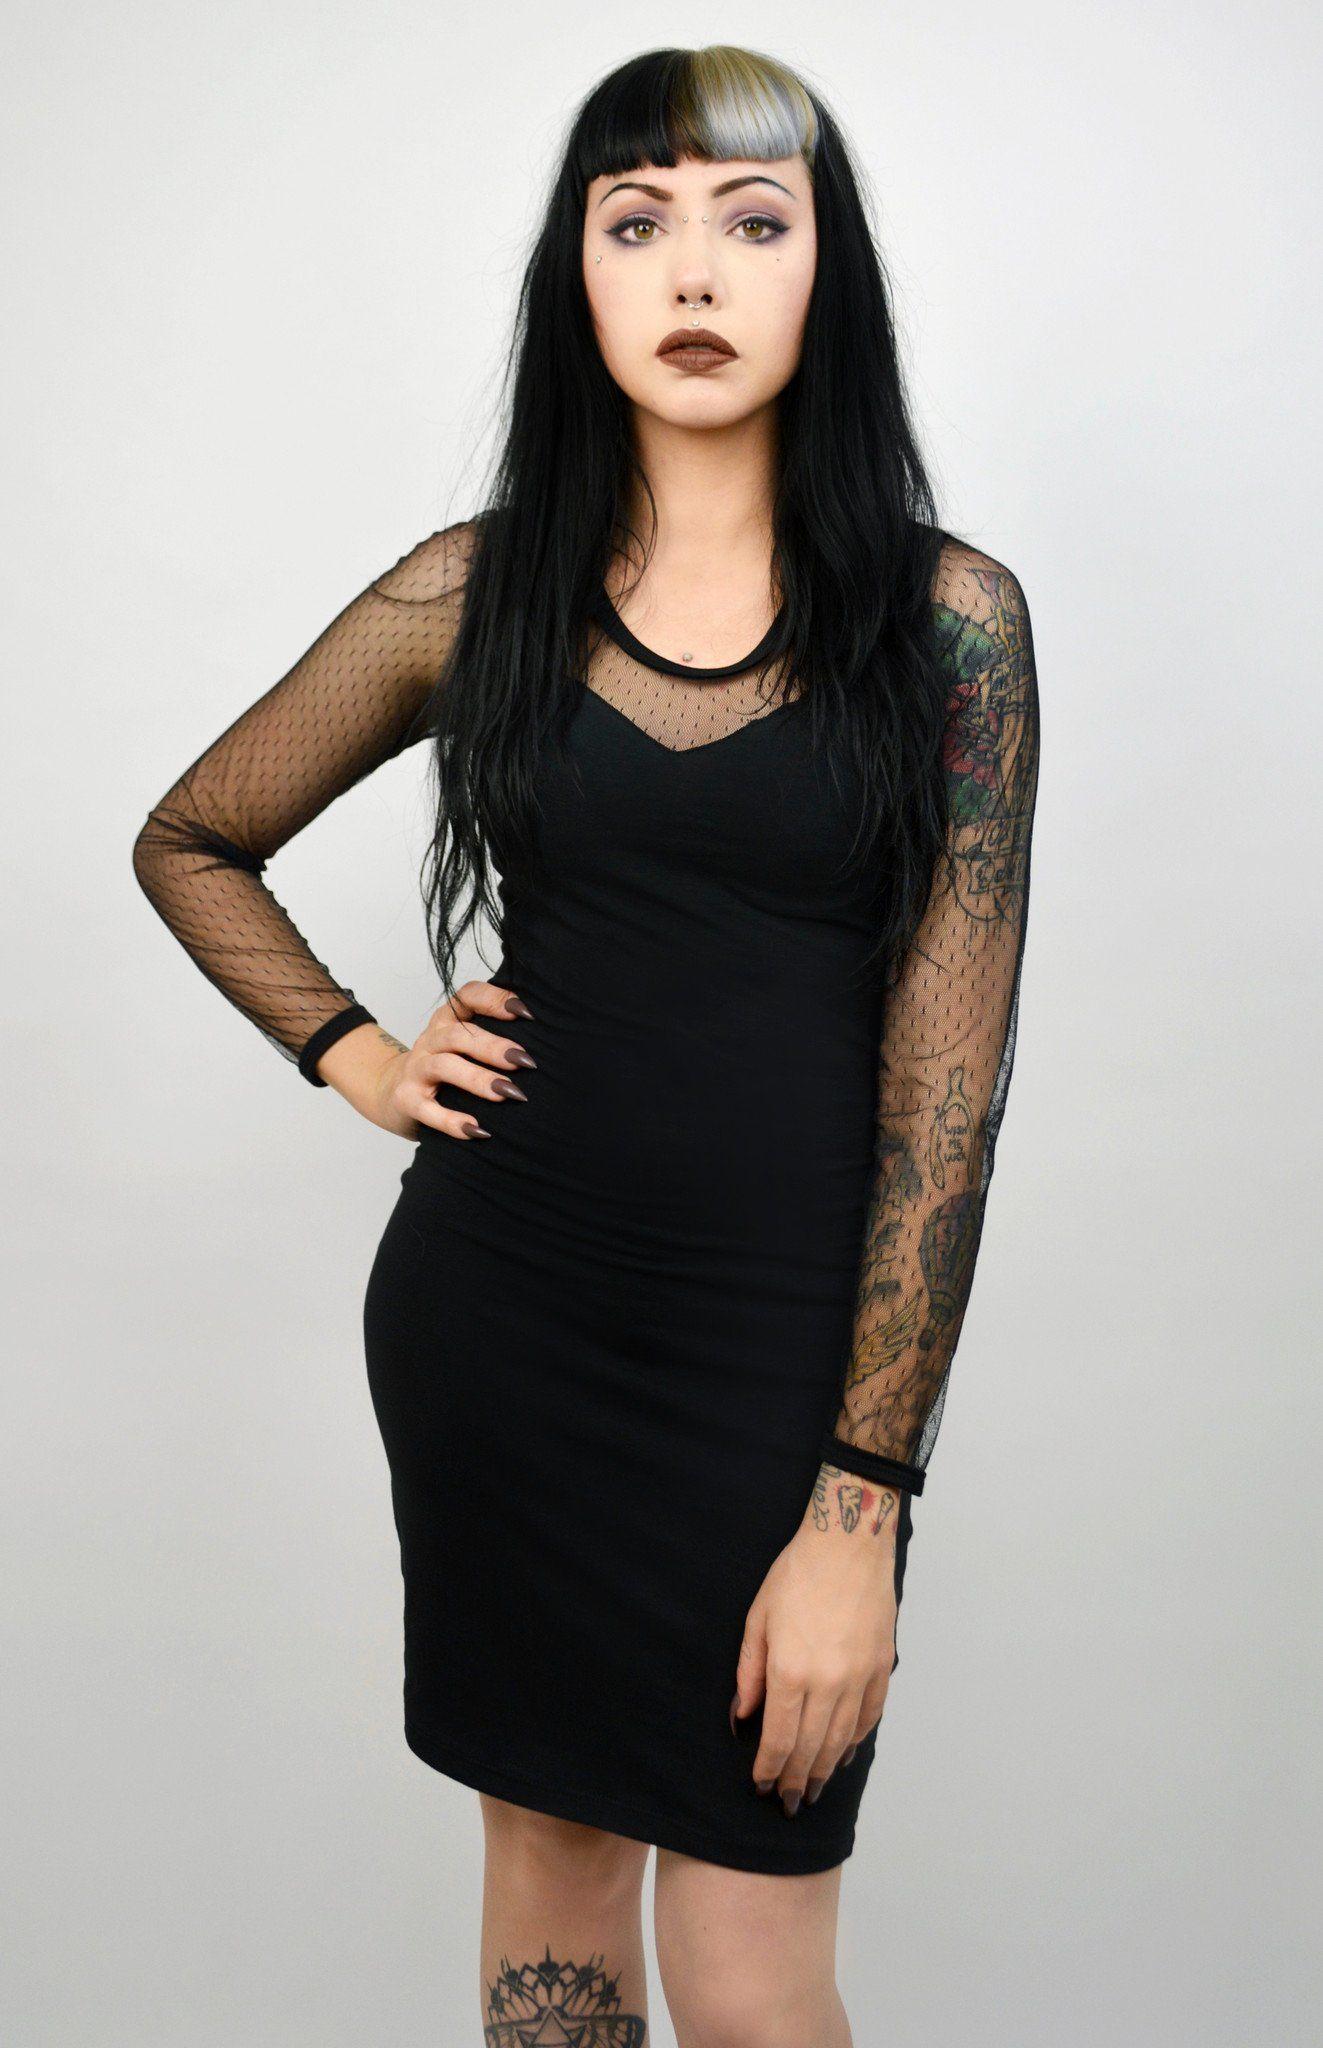 Long sleeve mesh dress inspo pinterest mesh dress dresses and